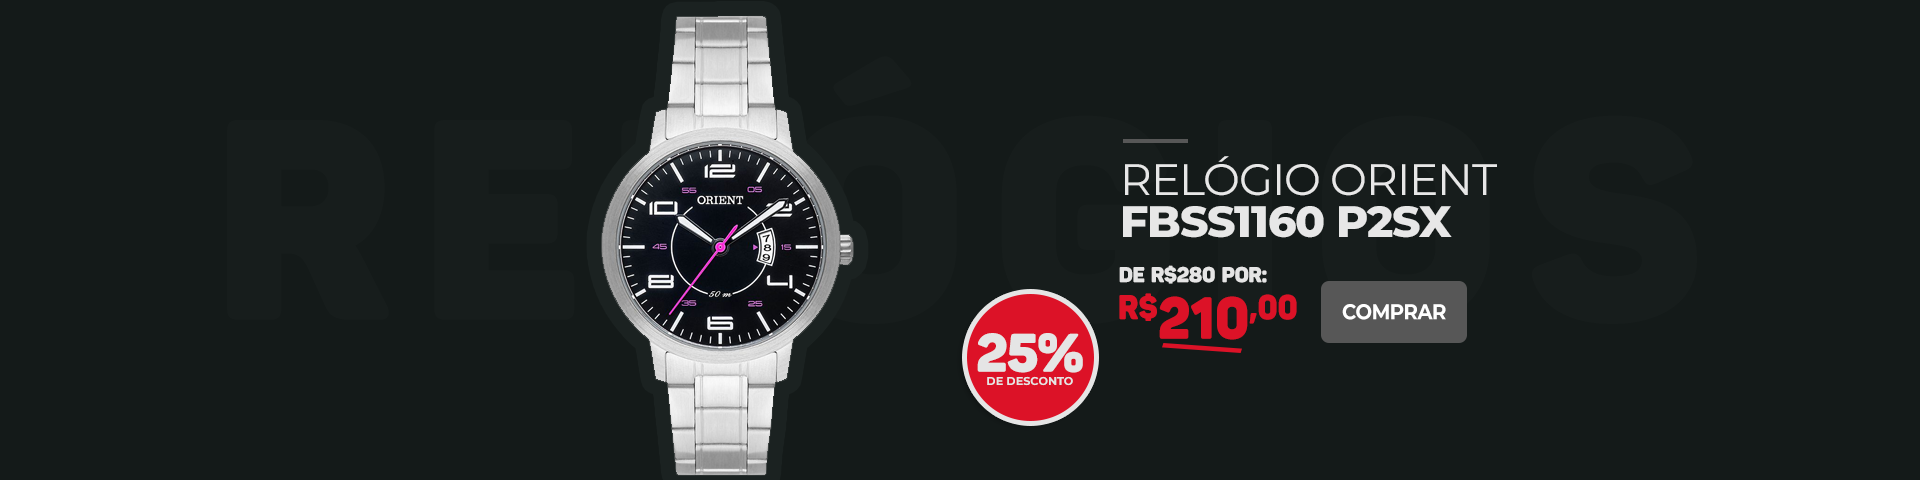 Relógio - Orient FBSS1160